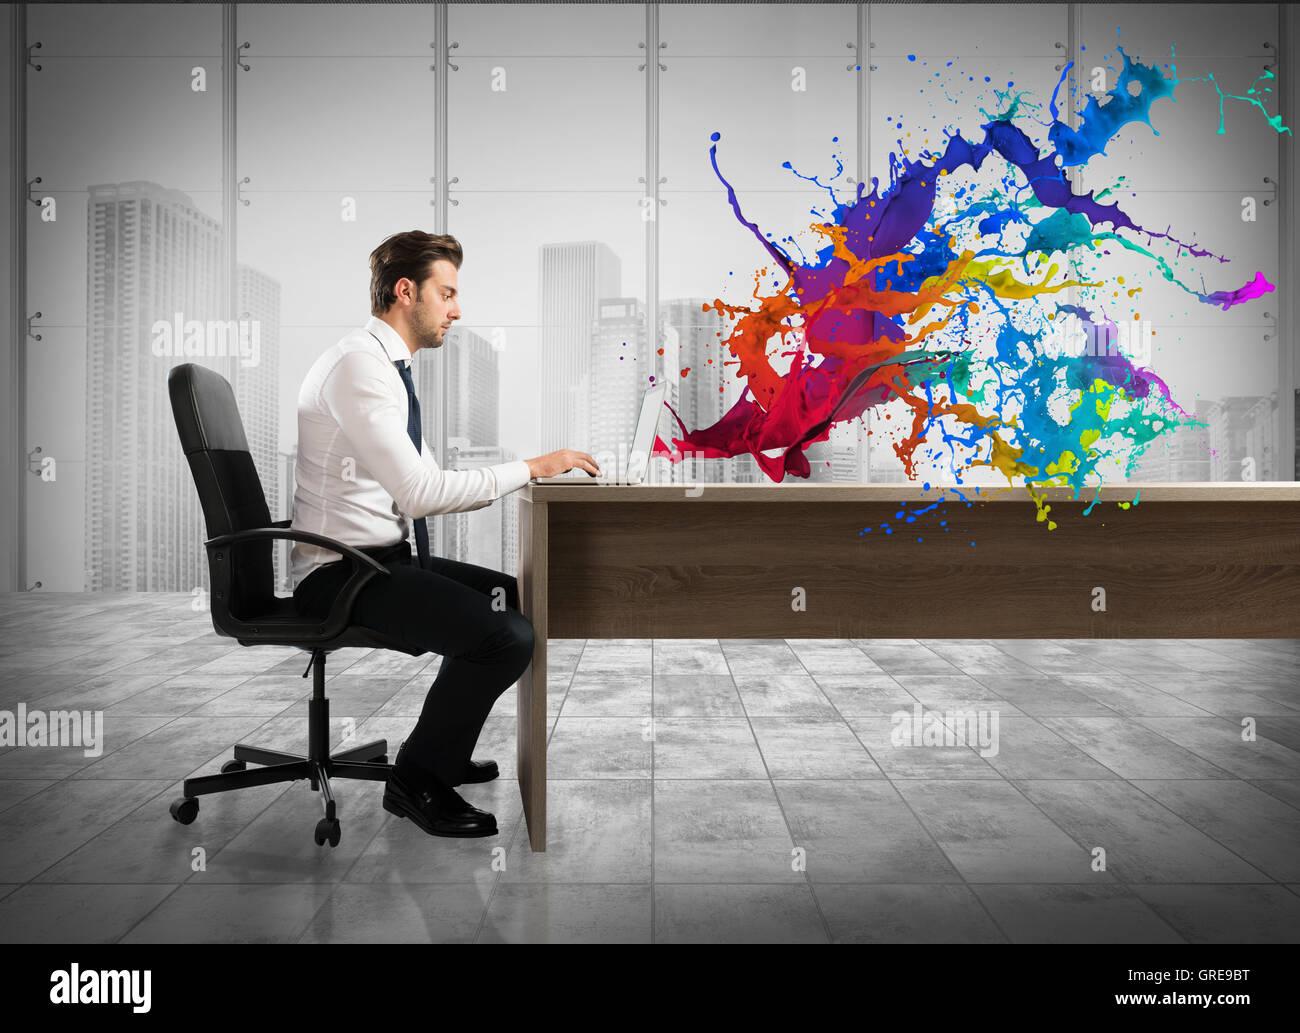 Concepto de negocio creativo con el empresario trabajando con un portátil Imagen De Stock